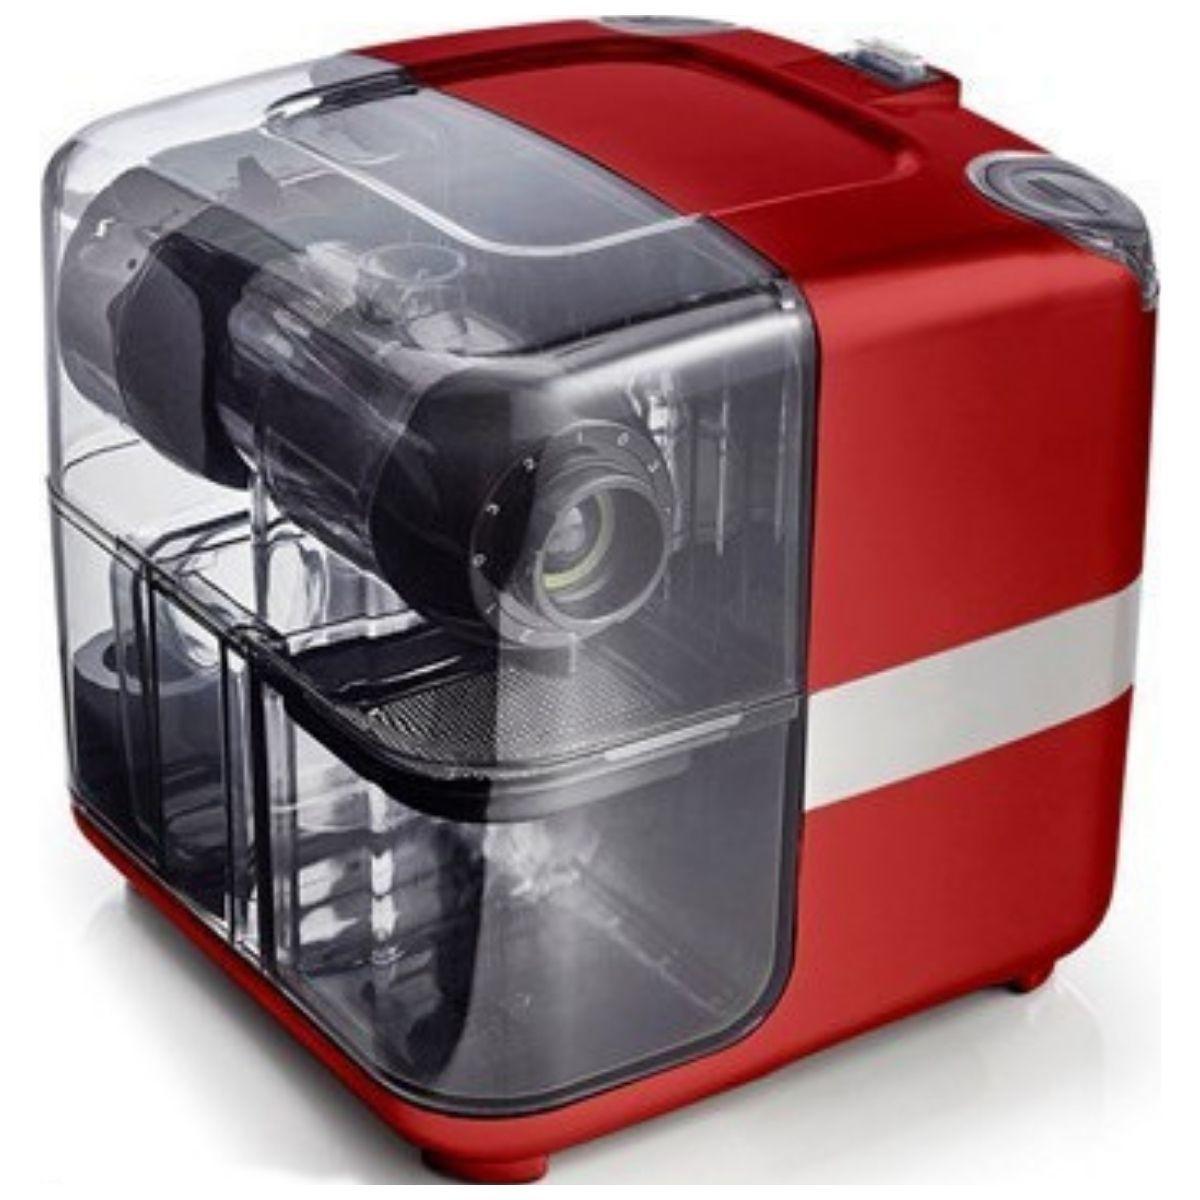 Шнековая соковыжималка Omega Cube 302R красная